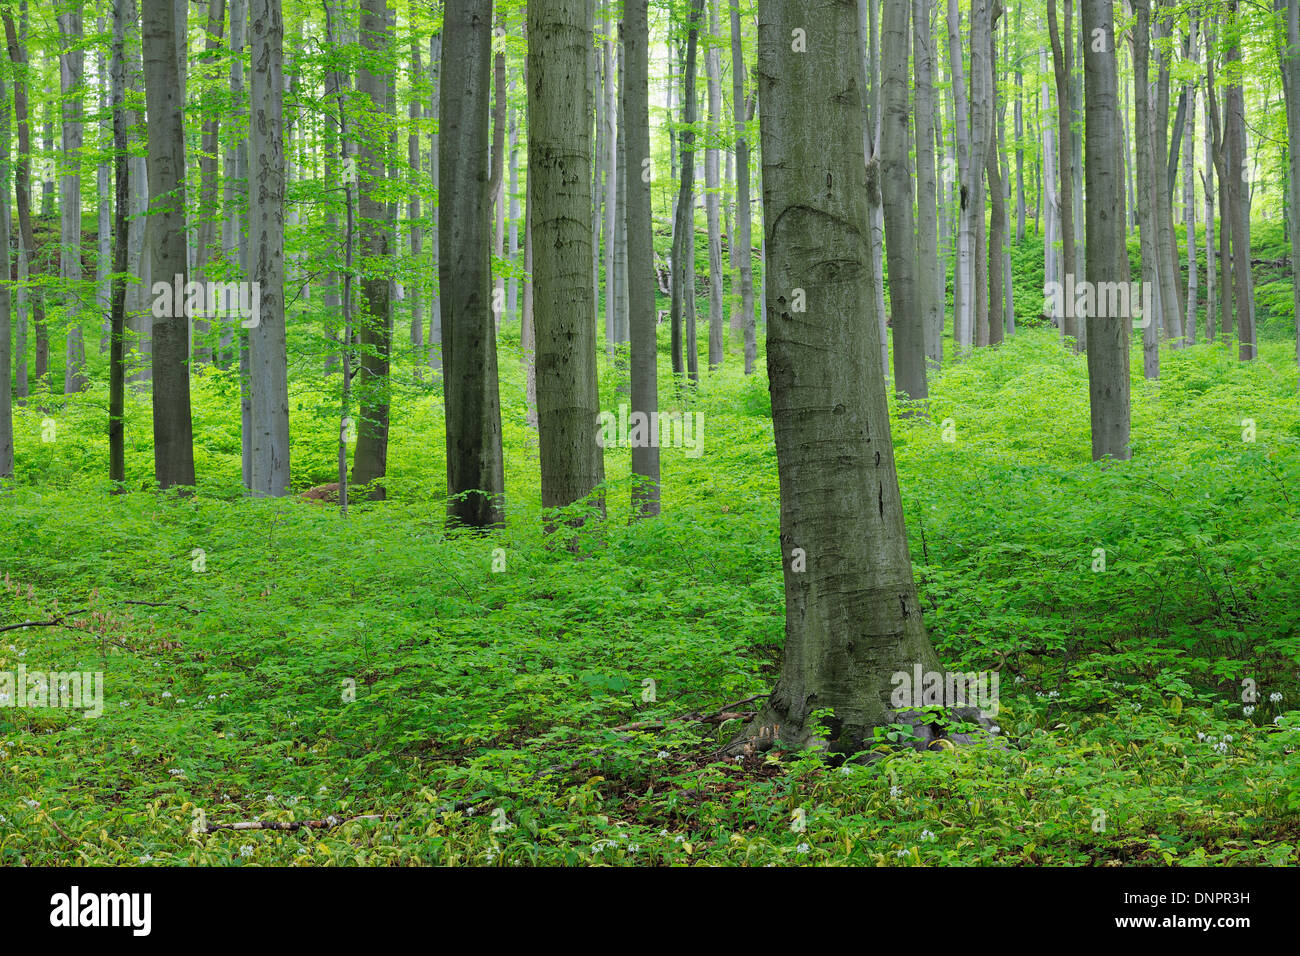 Printemps forêt de hêtres avec feuillage vert luxuriant. Parc national du Hainich, Thuringe, Allemagne. Banque D'Images